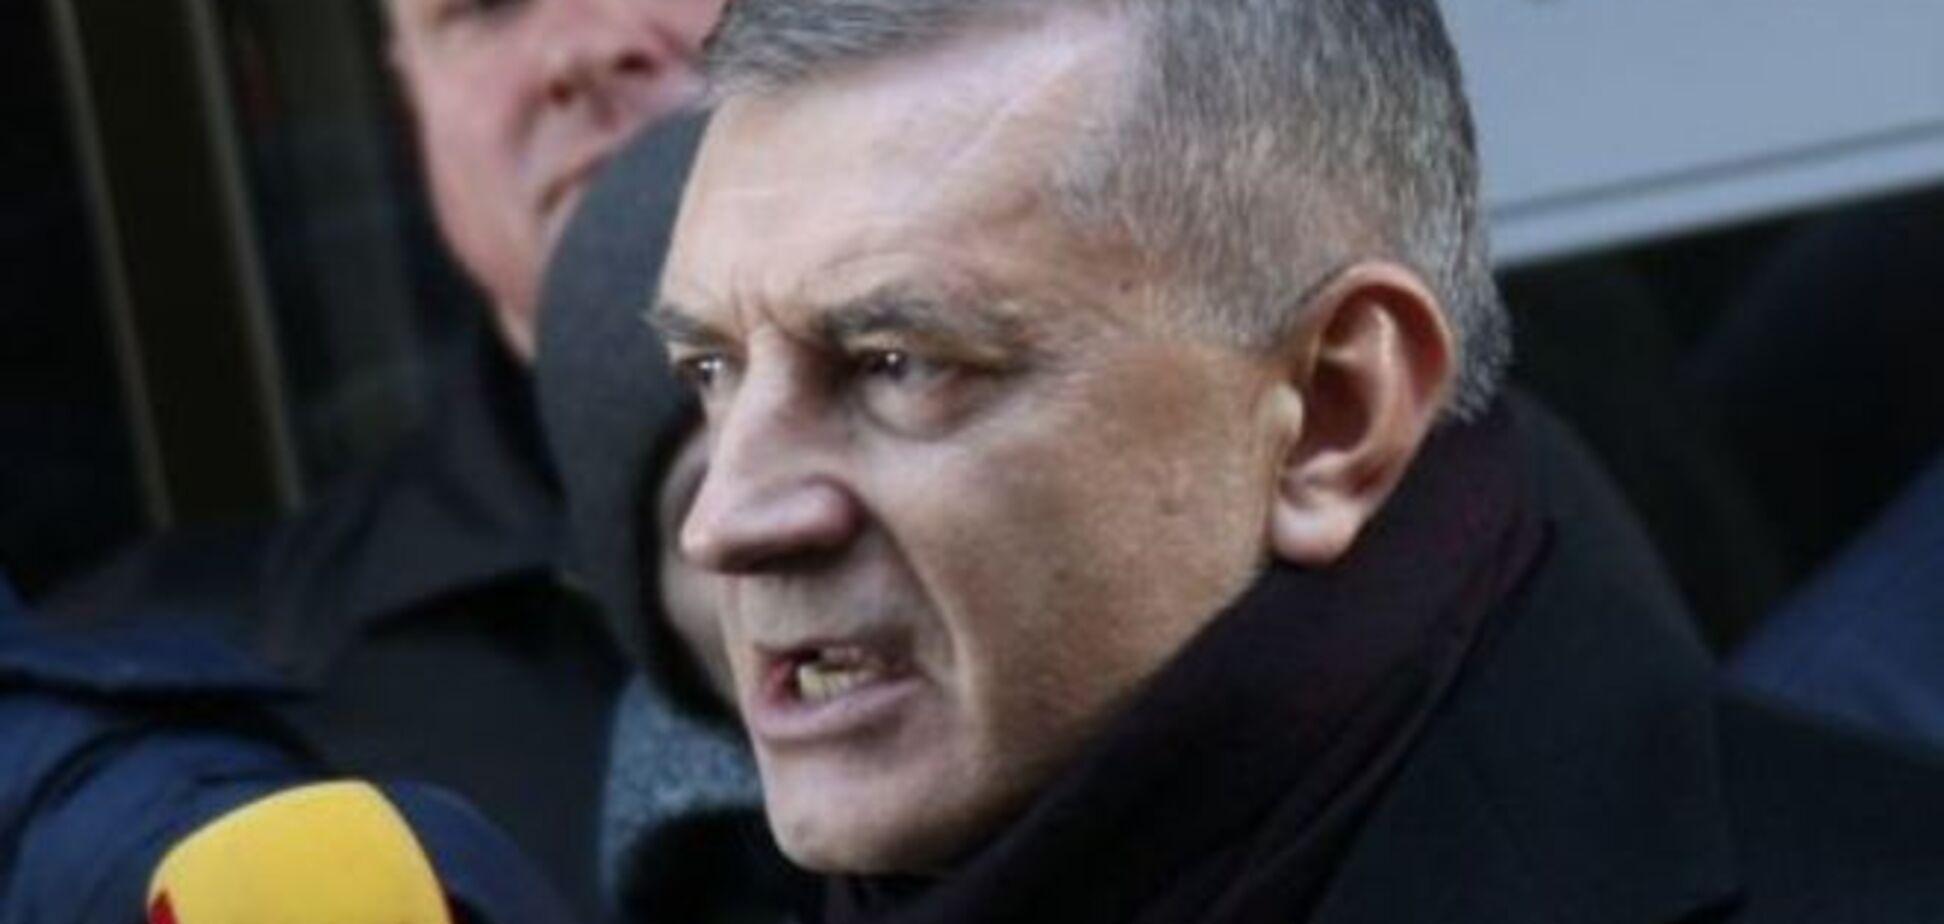 Замгенпрокурора Баганец усложнял расследование убийства Гонгадзе - адвокат